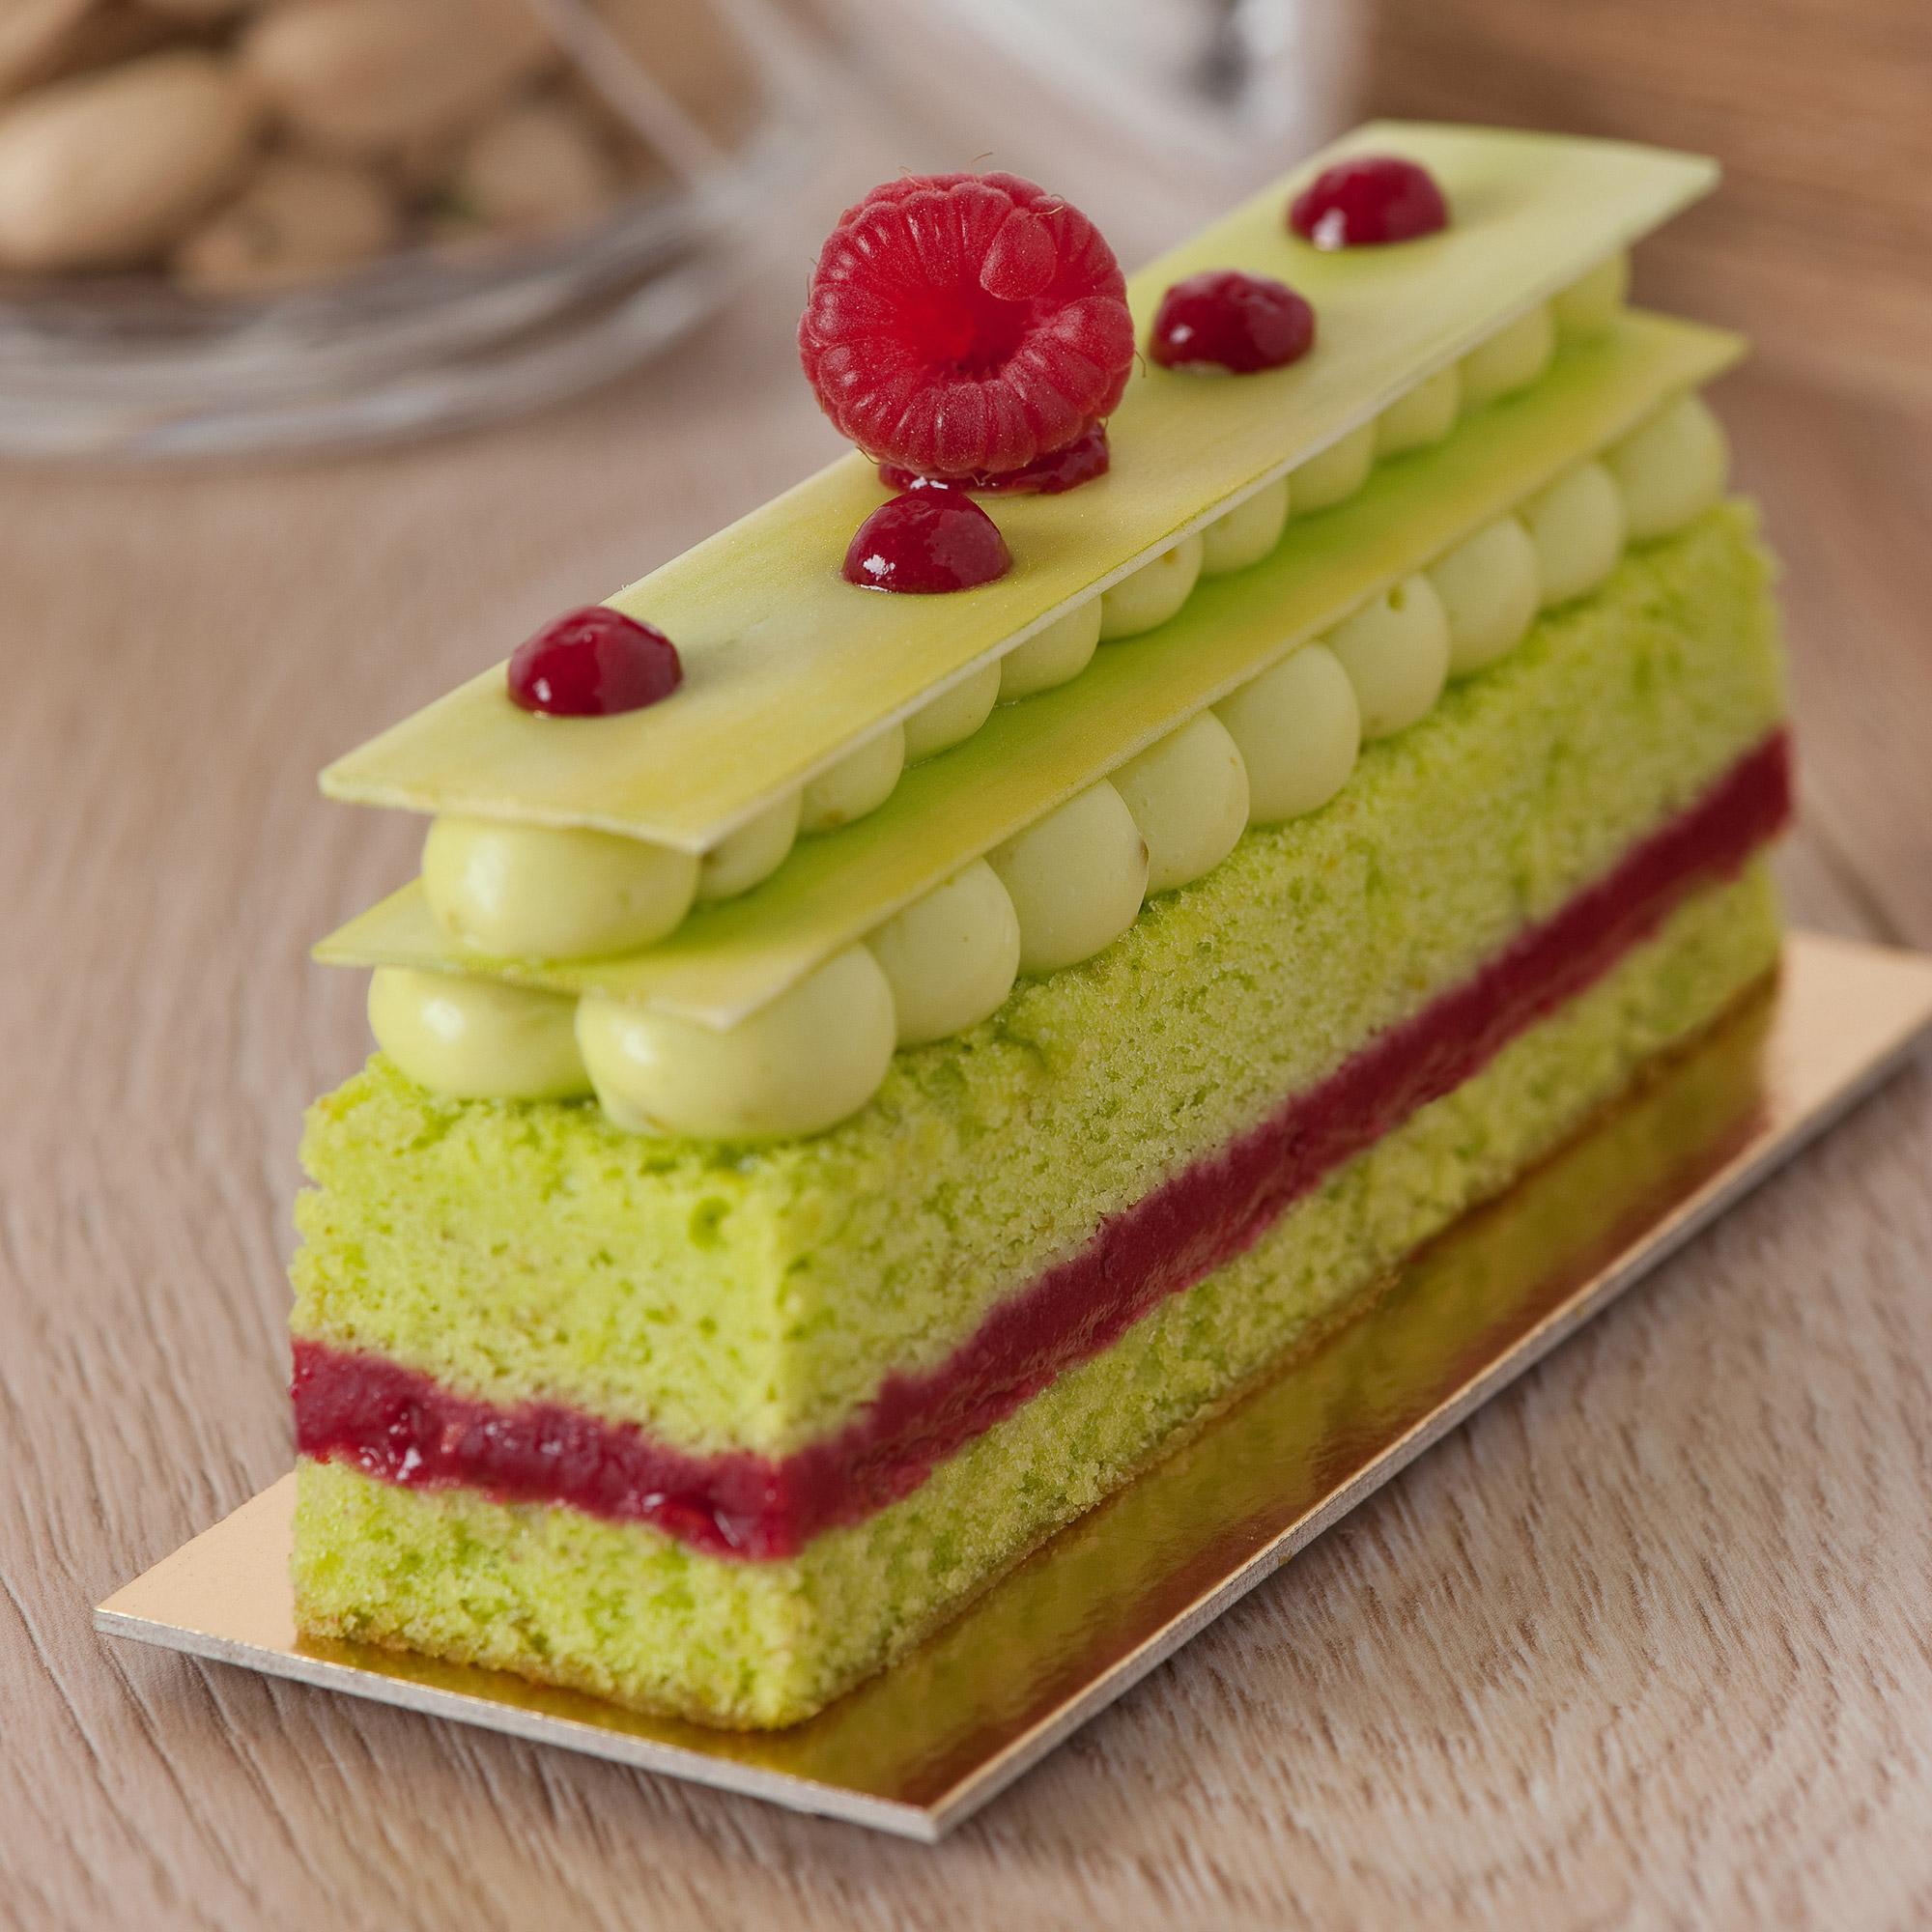 Vente de pâtisserie en ligne Lyon – JÉRÔME LANGILLIER CONSEILS